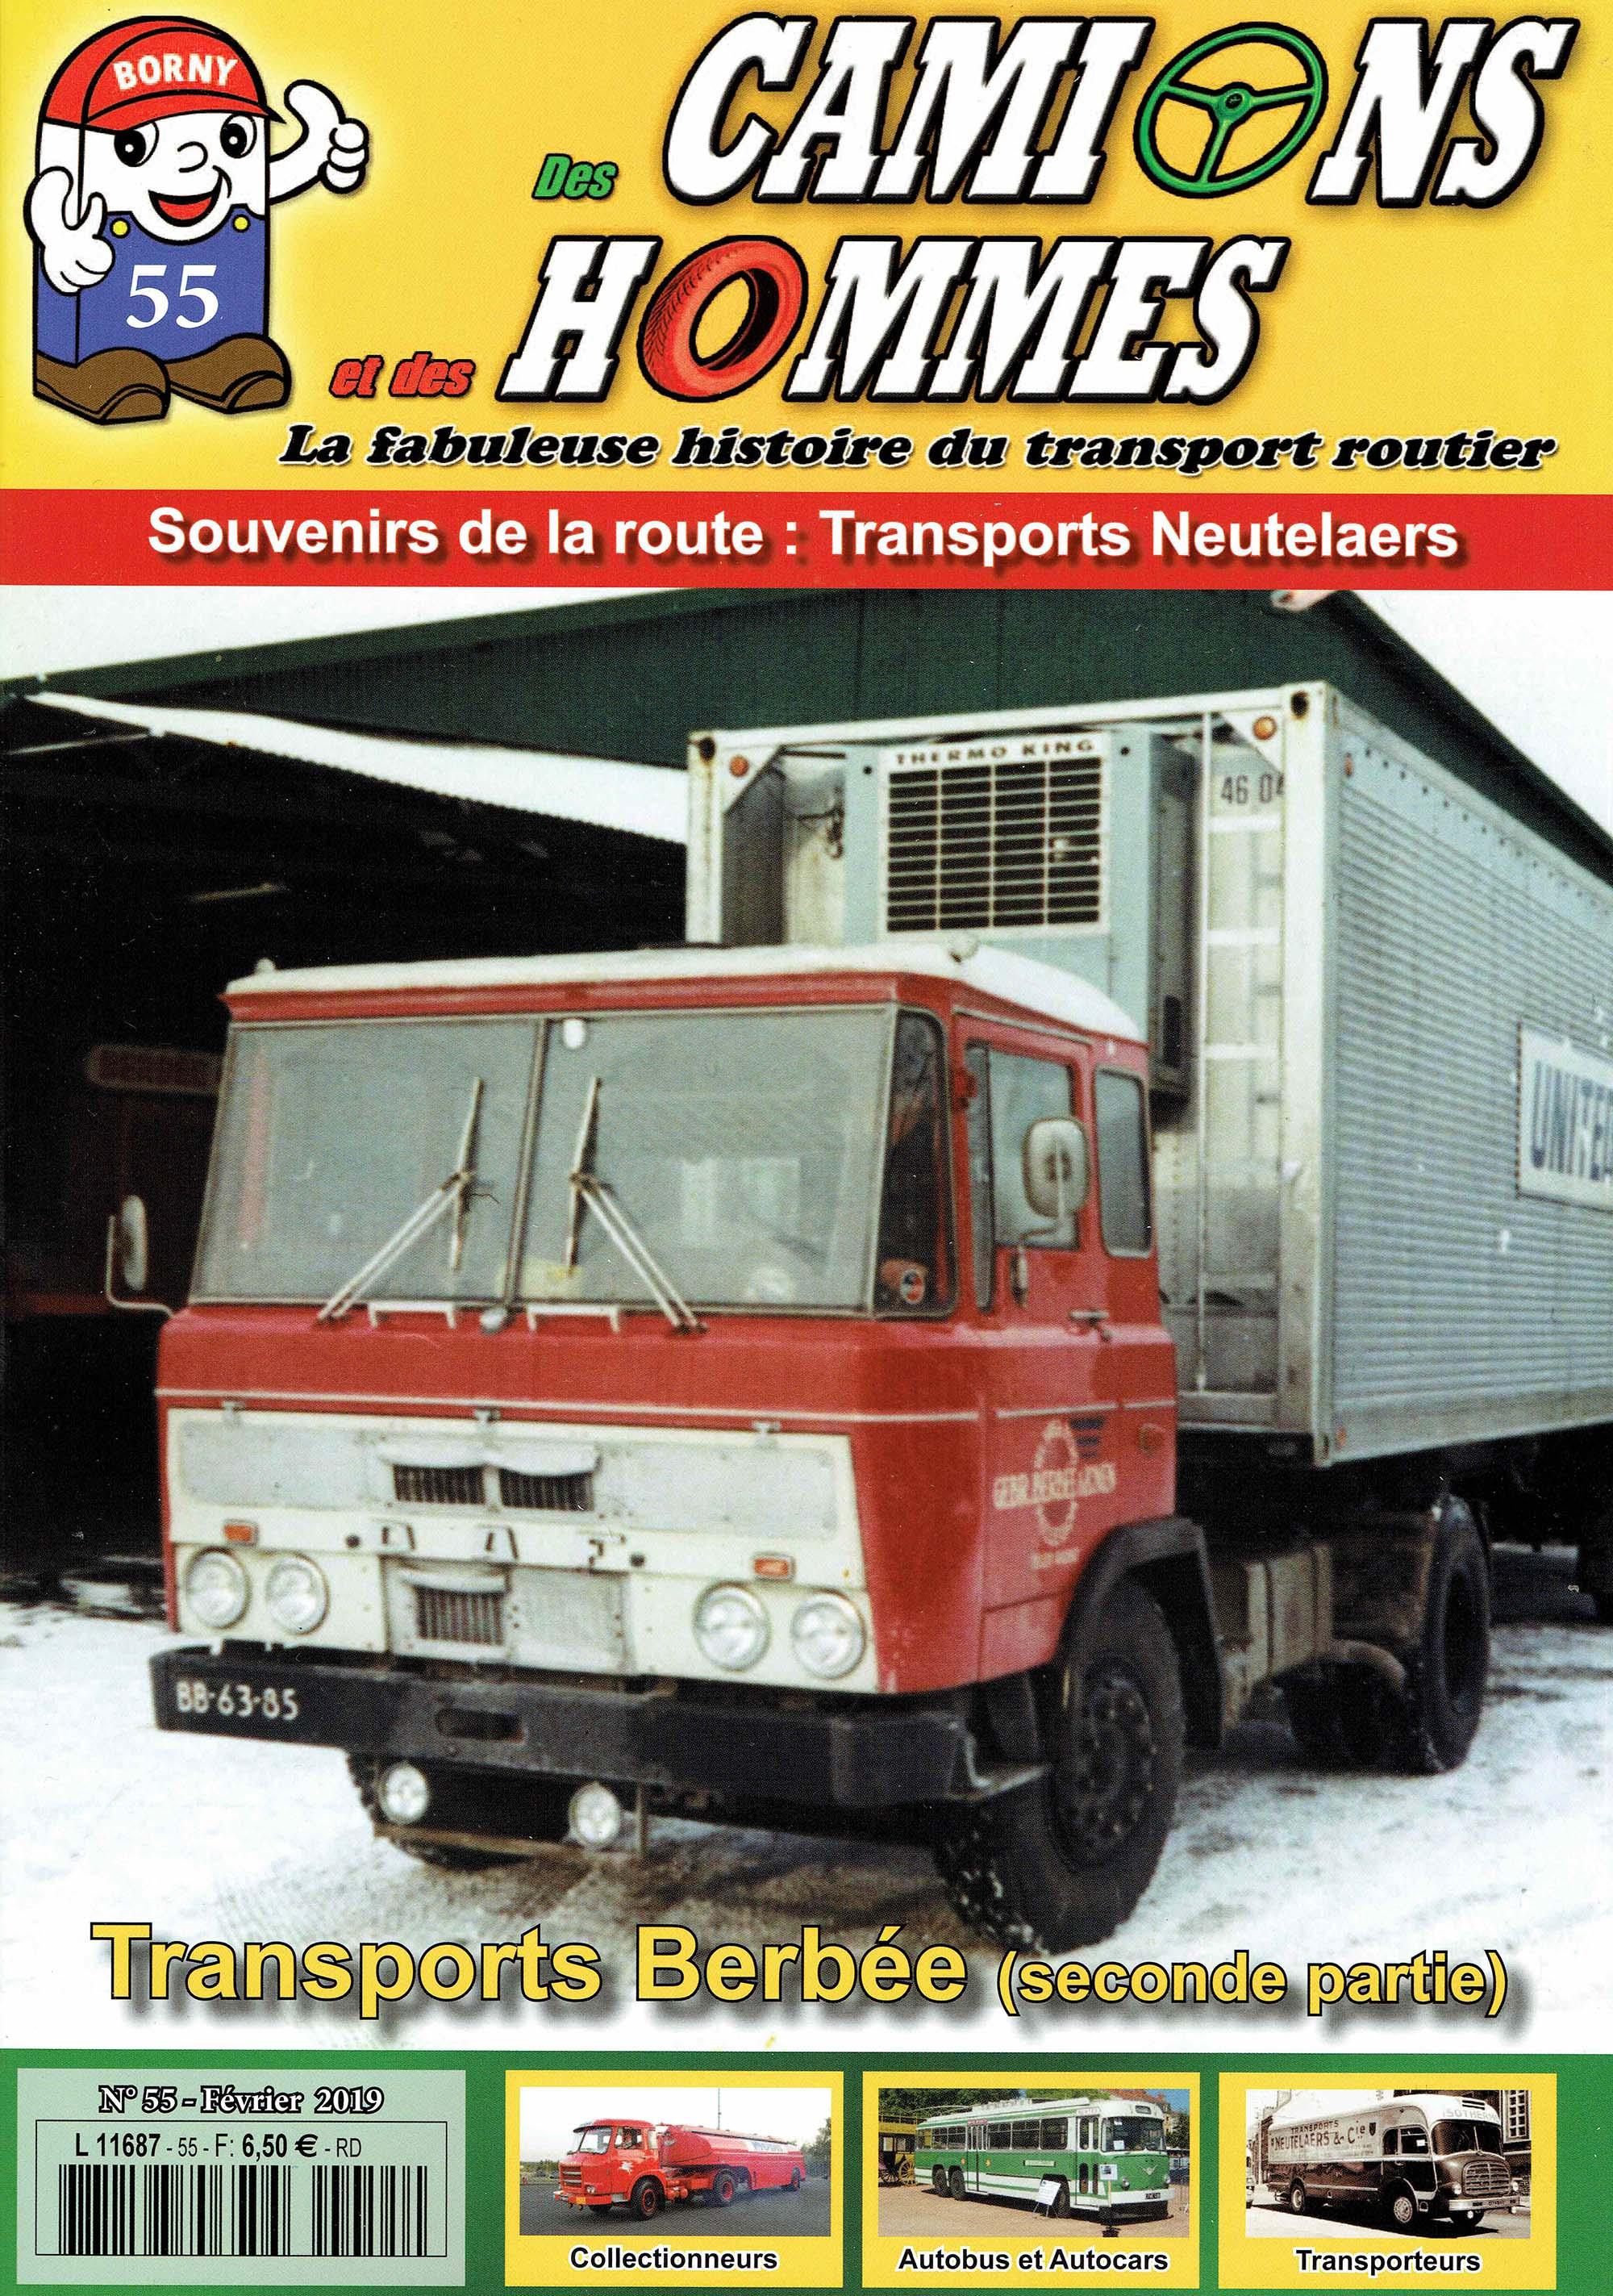 Magazine N°55 Des Camions et des Hommes (Etranger)